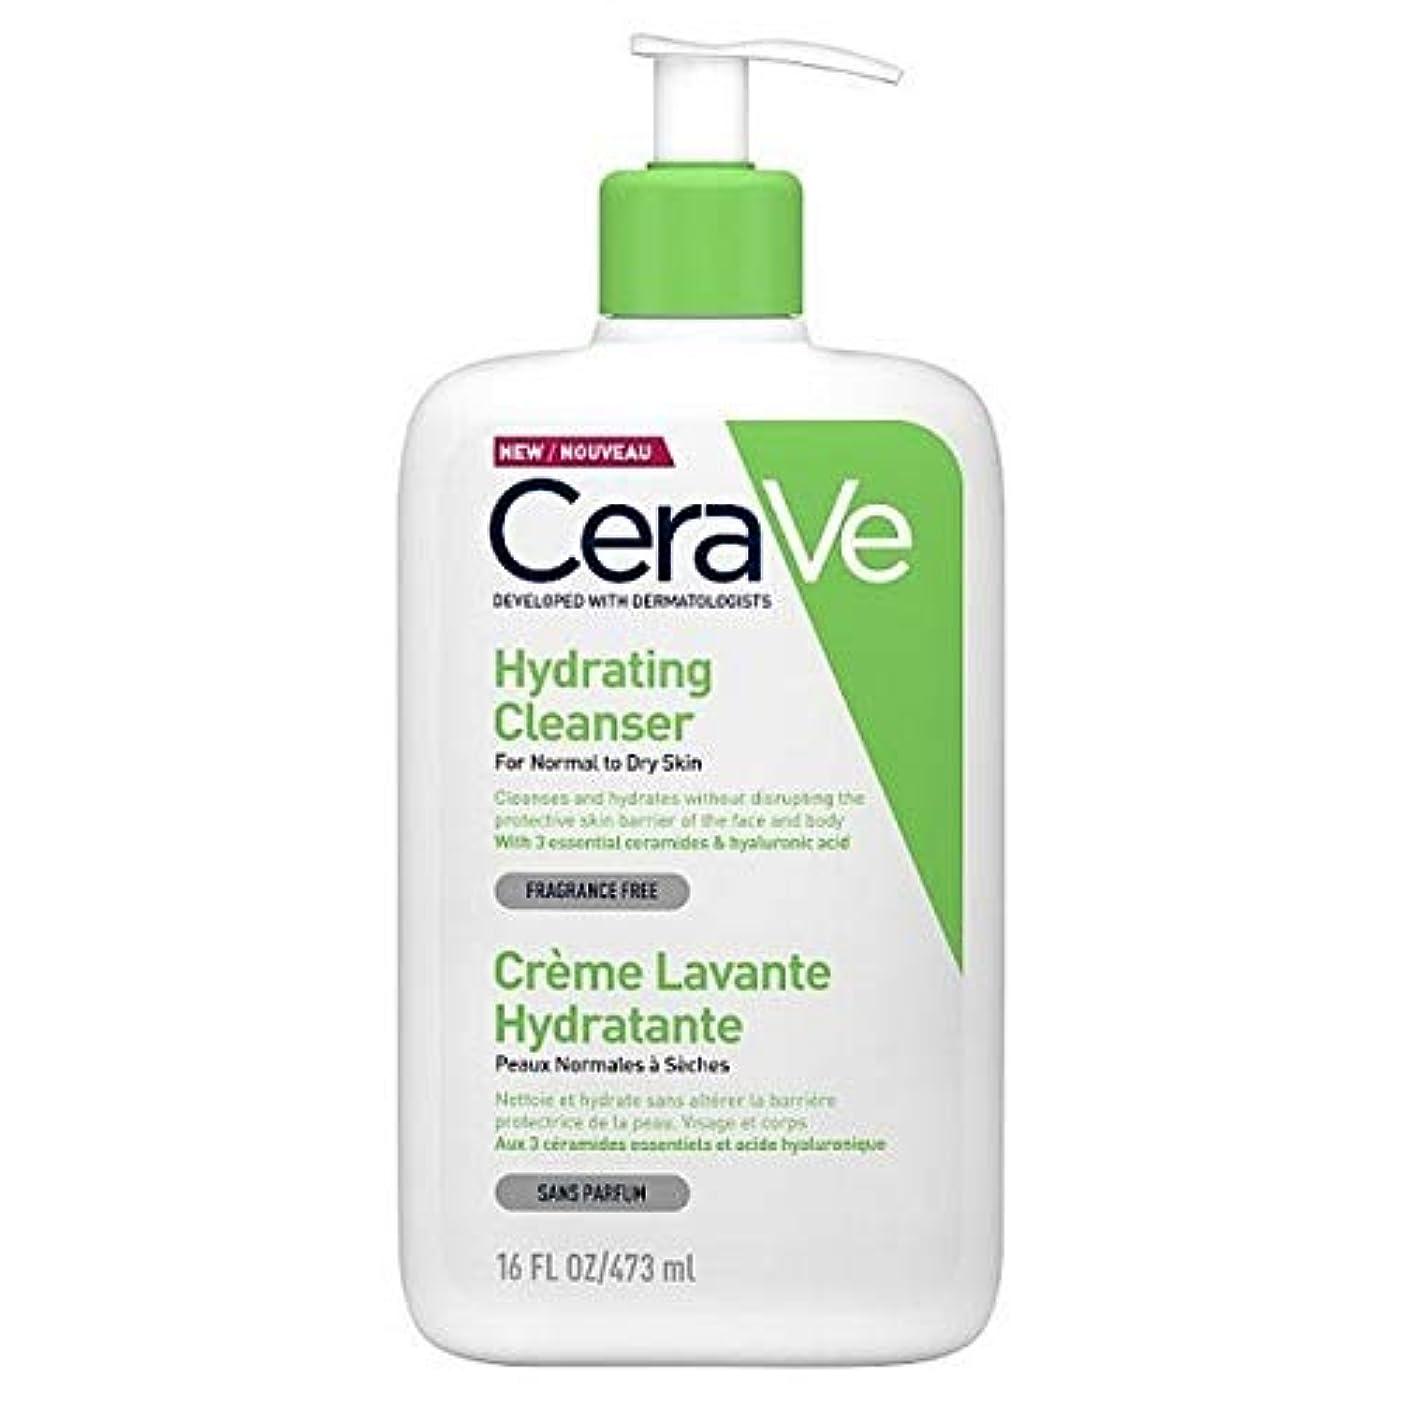 気晴らし広告する自分のために[CeraVe] Cerave水和クレンザー473ミリリットル - CeraVe Hydrating Cleanser 473ml [並行輸入品]